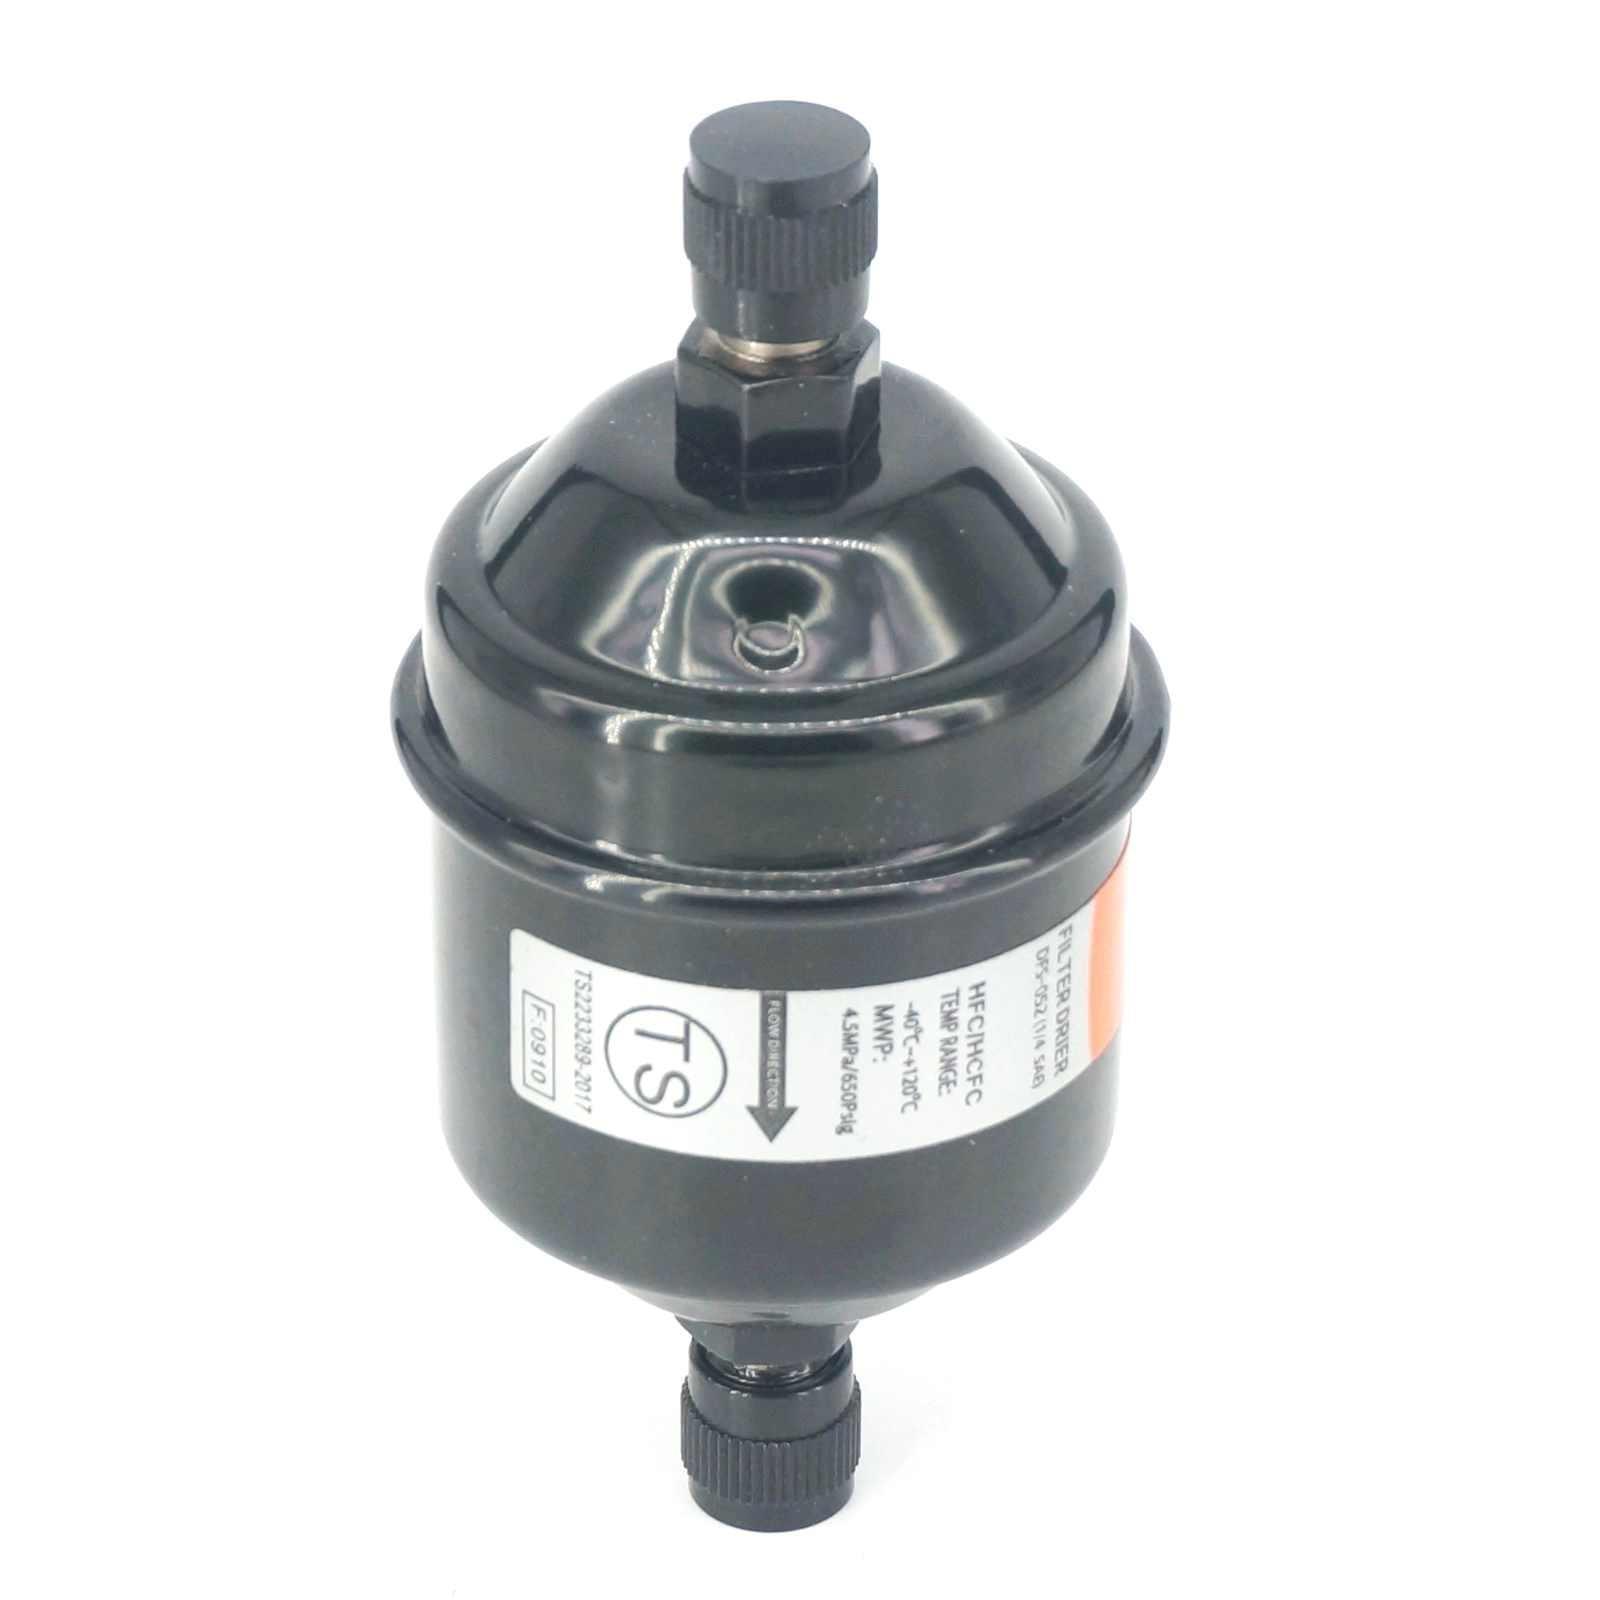 """Filtro líquido 052 do secador da linha da conexão do alargamento de 1/4 """"sae para o líquido refrigerante de hcfc/hfc"""